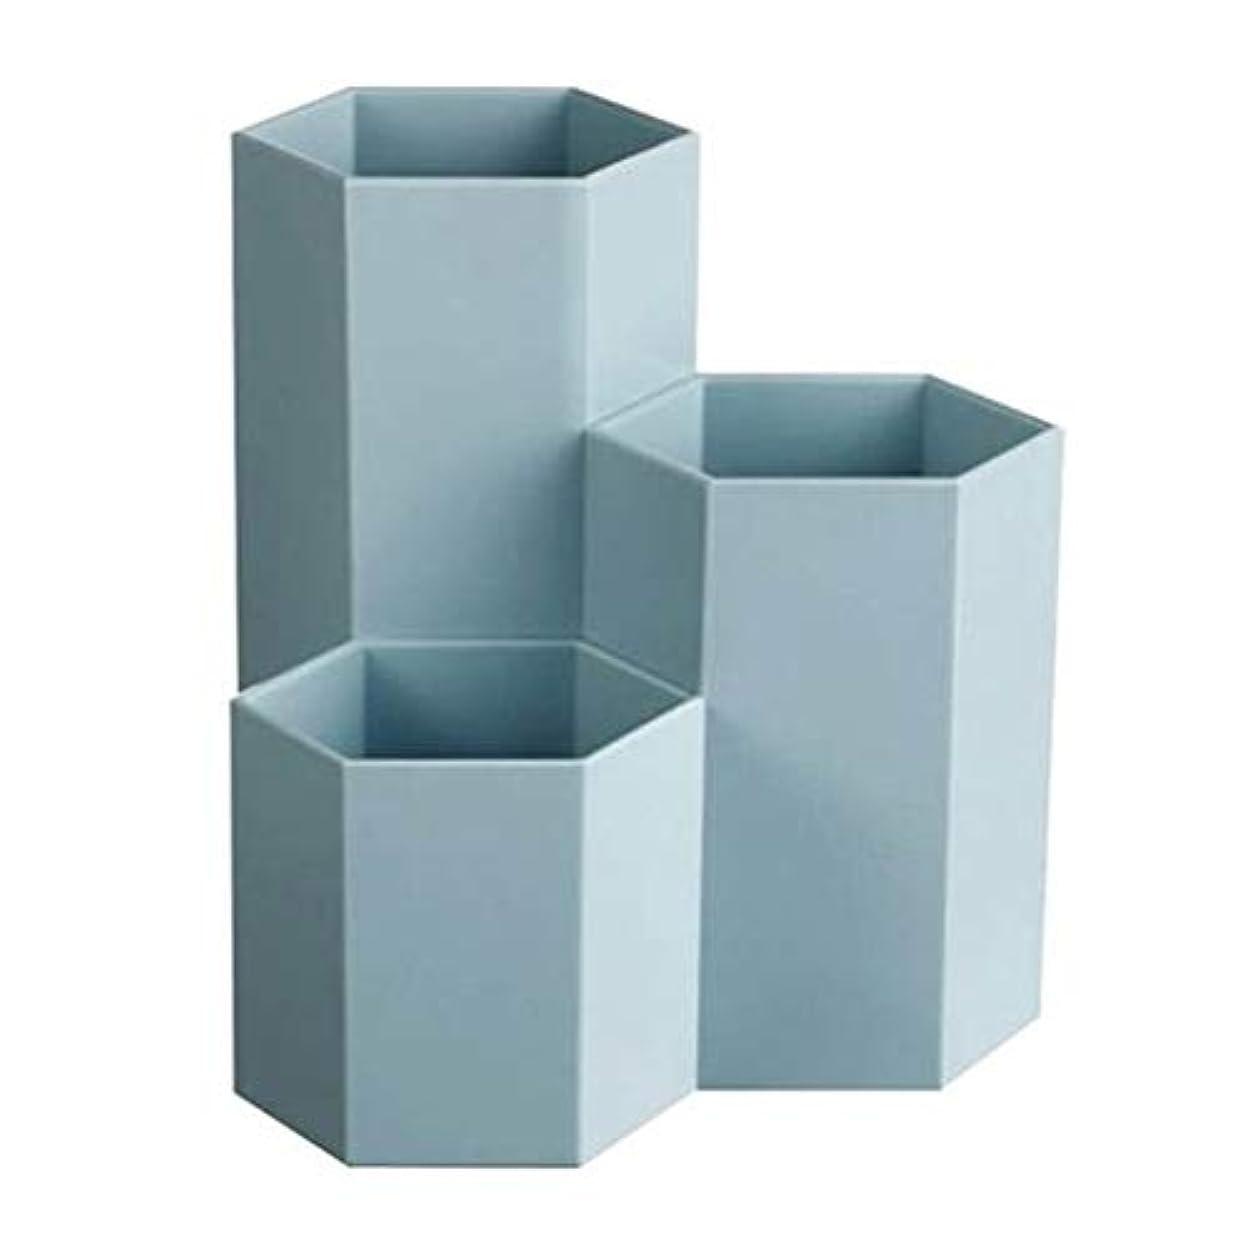 ブリーフケース落花生TerGOOSE 卓上収納ケース メイクブラシケース メイクブラシスタンド メイクブラシ収納ボックス メイクケース ペンホルダー 卓上文房具収納ボックス ペン立て 文房具 おしゃれ 六角 3つのグリッド 大容量 ブルー